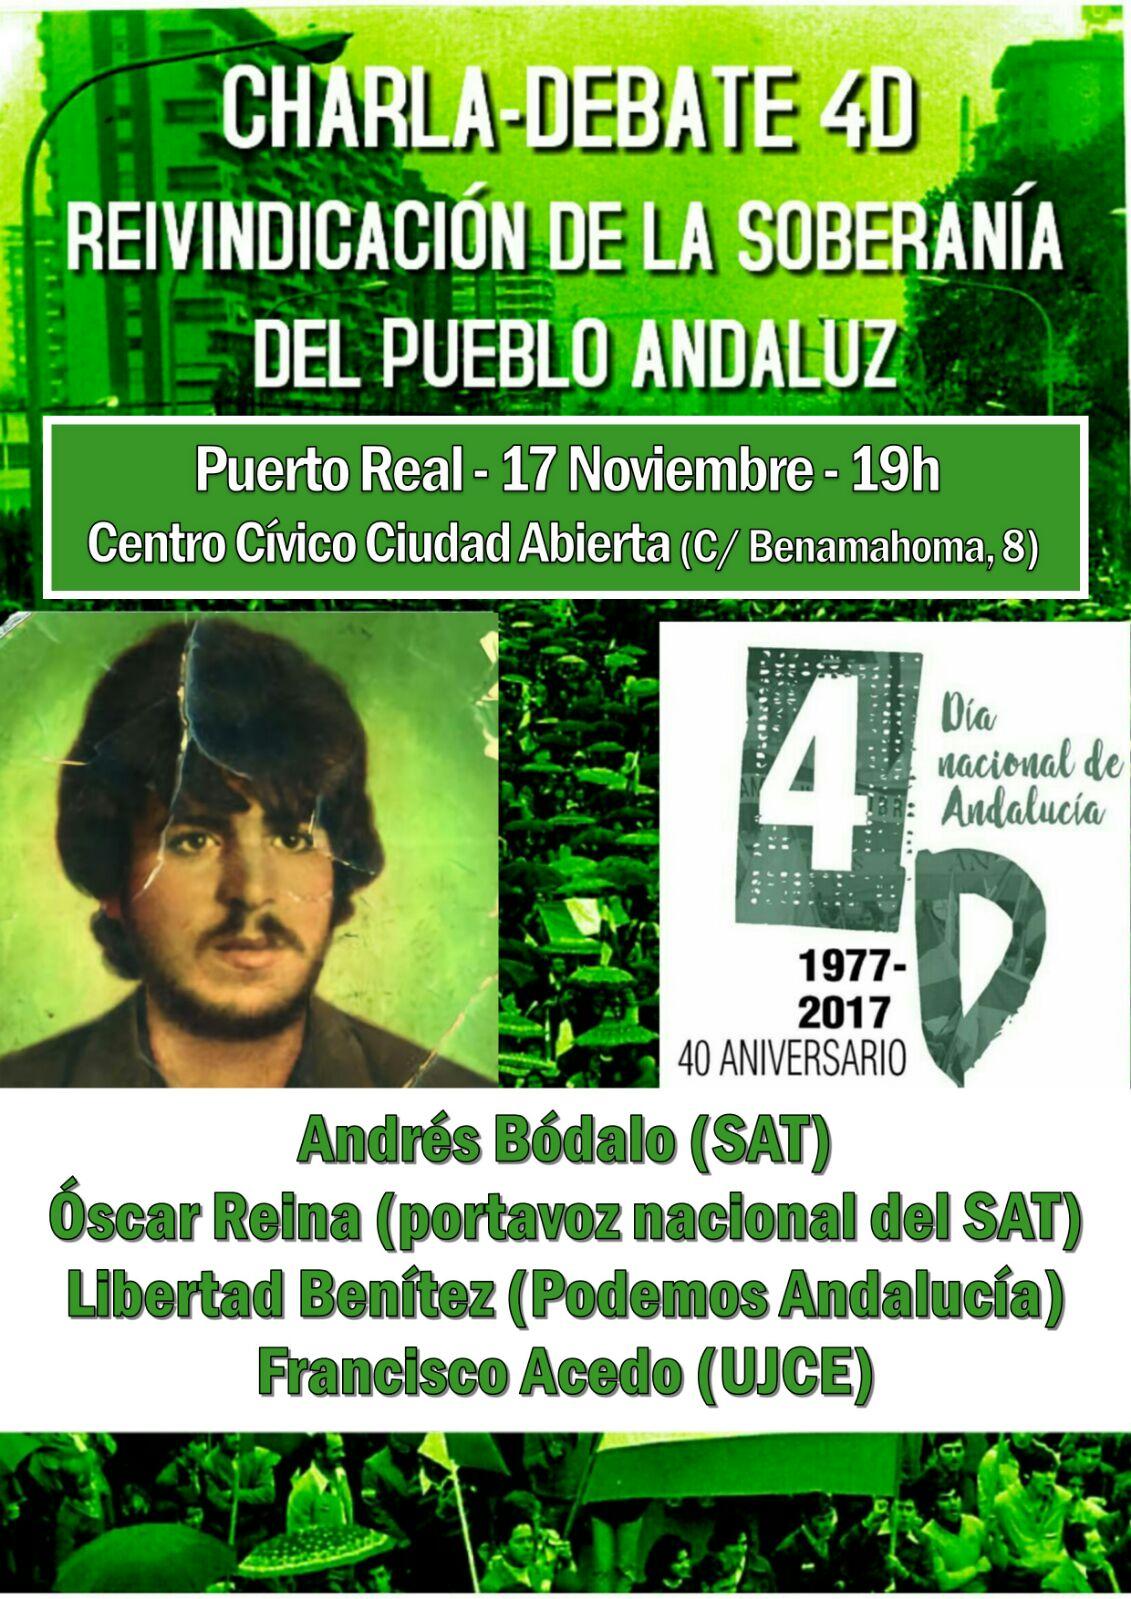 PUERTO REAL (Cádiz): Viernes 17Nov, 19H.  MANIFESTACIÓN 3 de DICIEMBRE EN MÁLAGA.